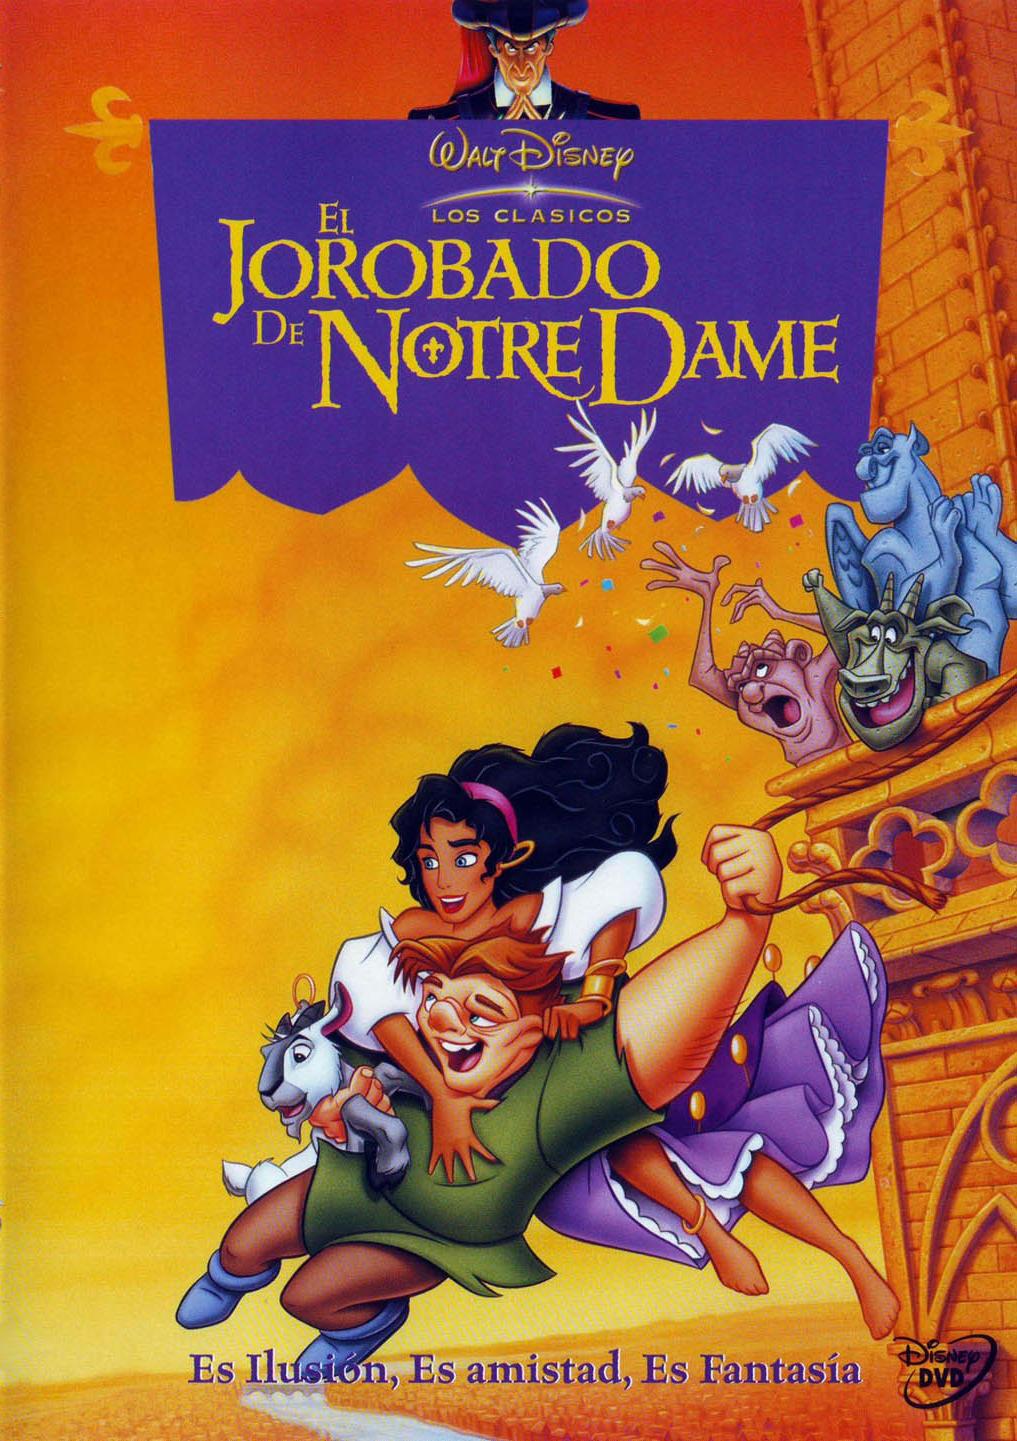 El jorobado de Notre-Dame - Cartel